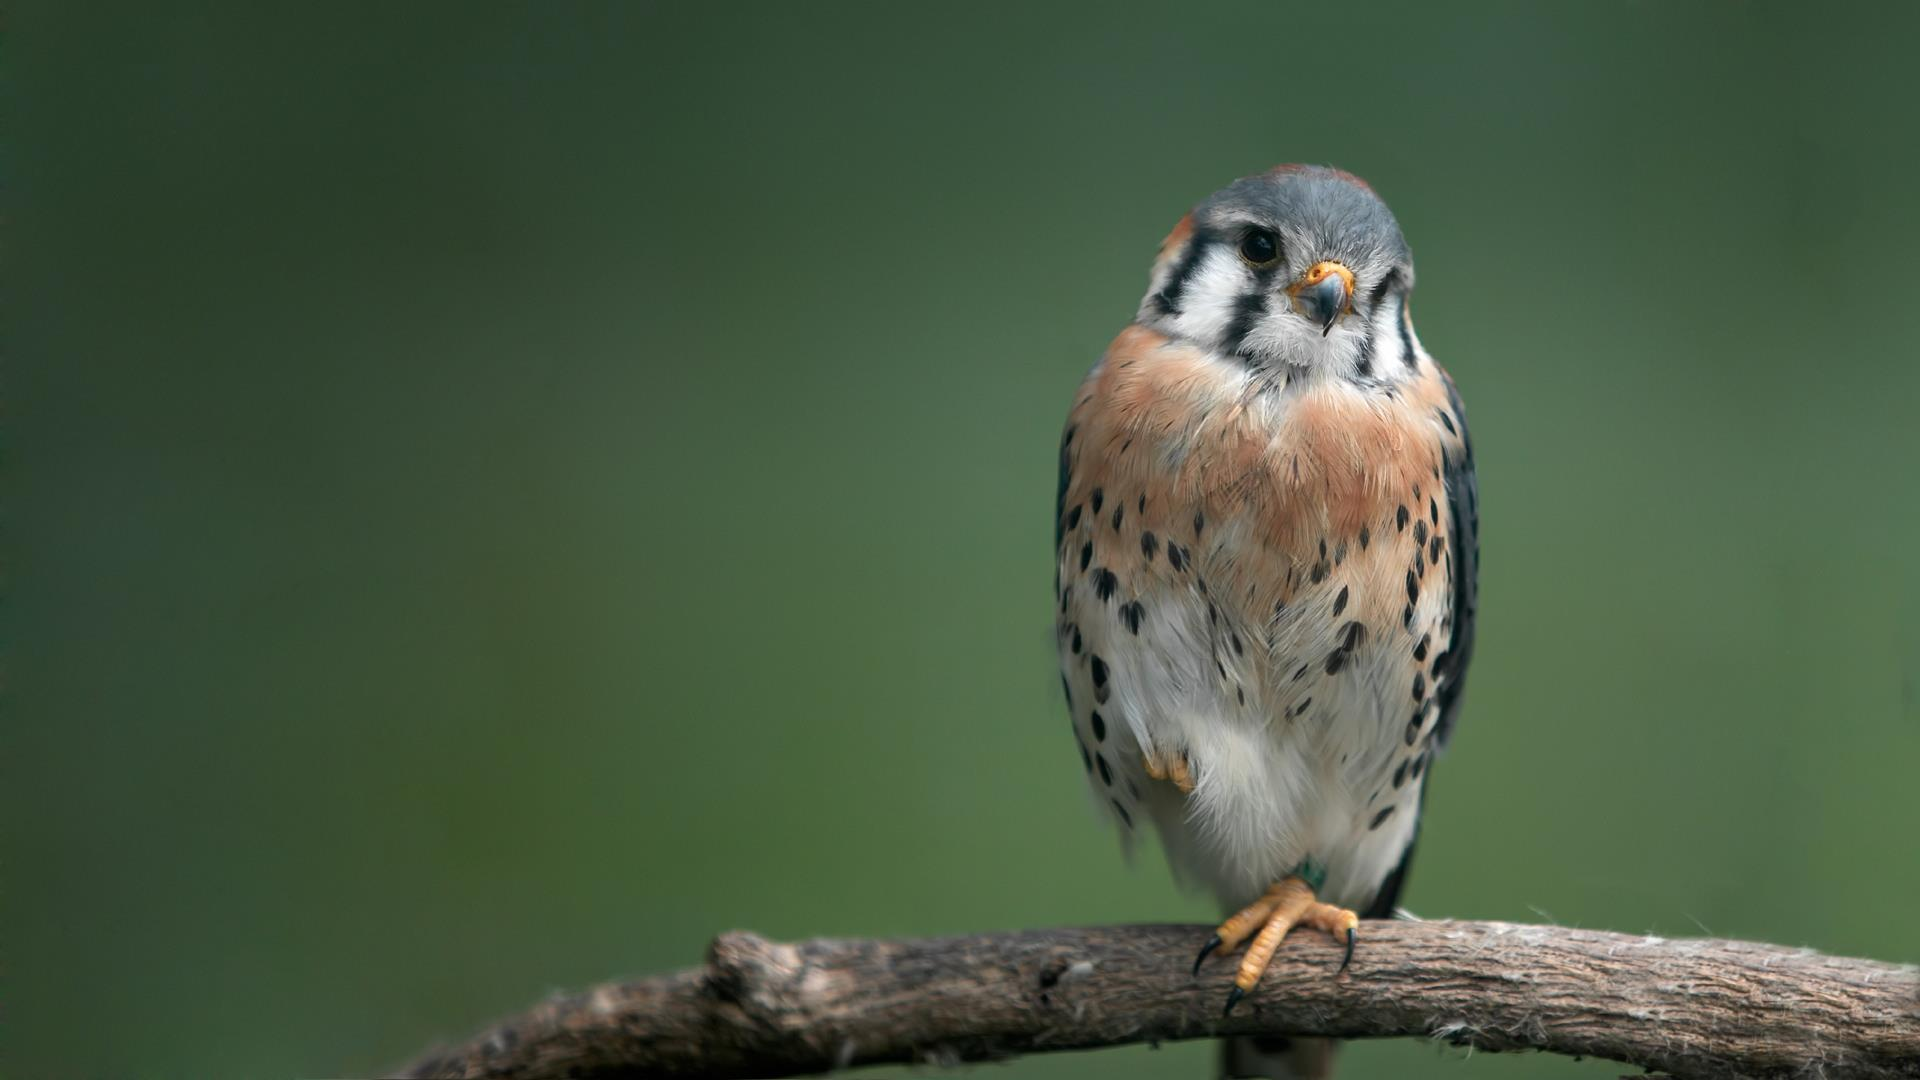 oiseaux-du-monde-en-images-et-fonds-ecran_09